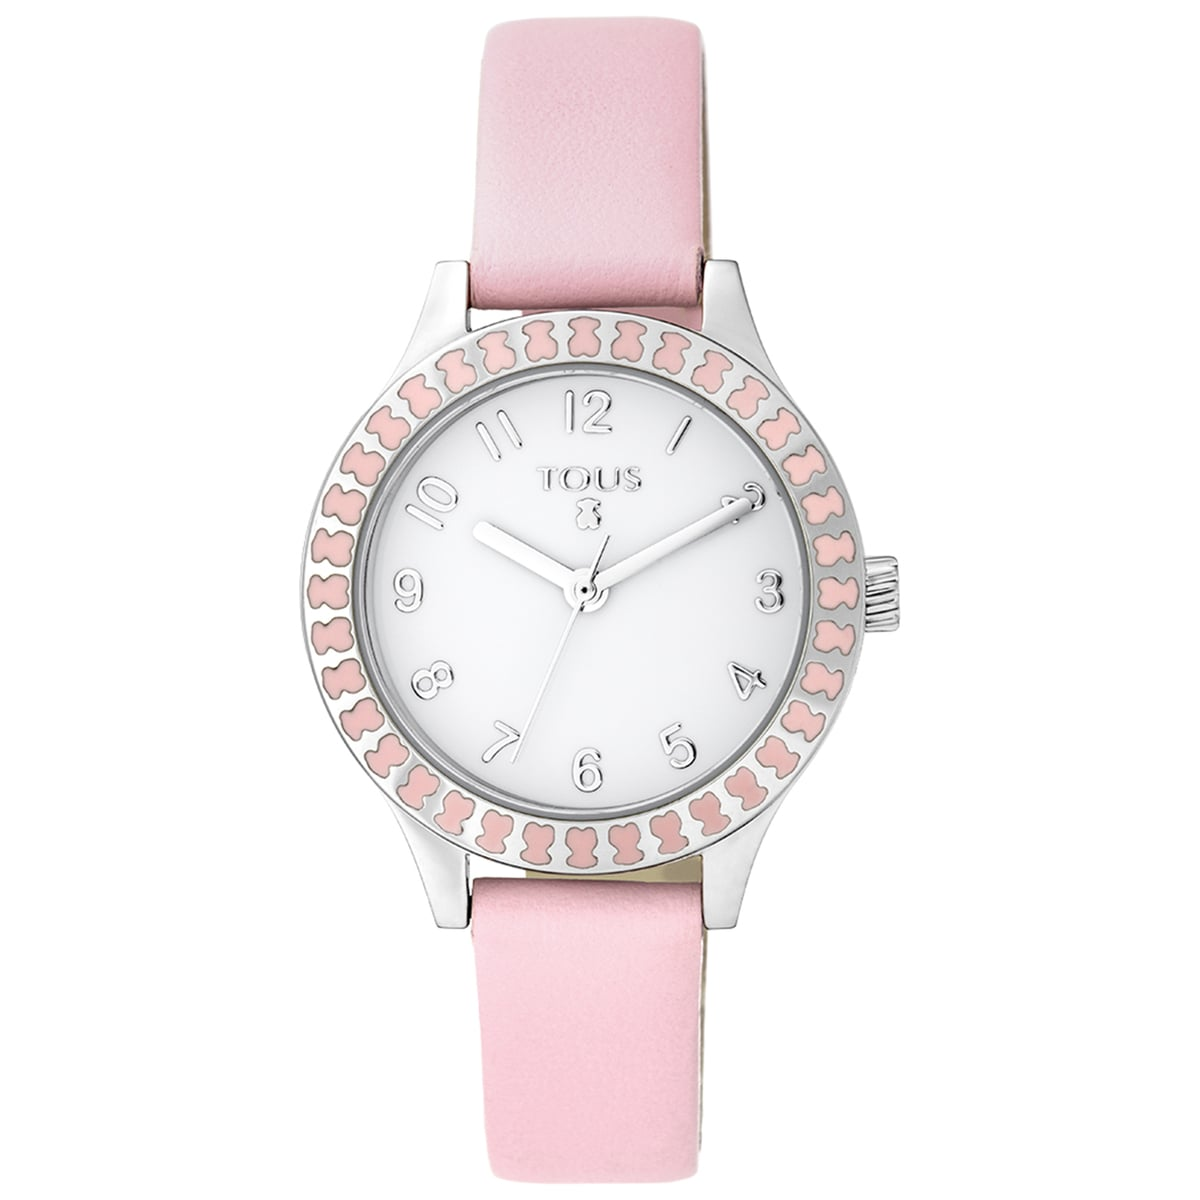 Relógio Straight Kids em aço e bisel de ursos com correia em pele rosa